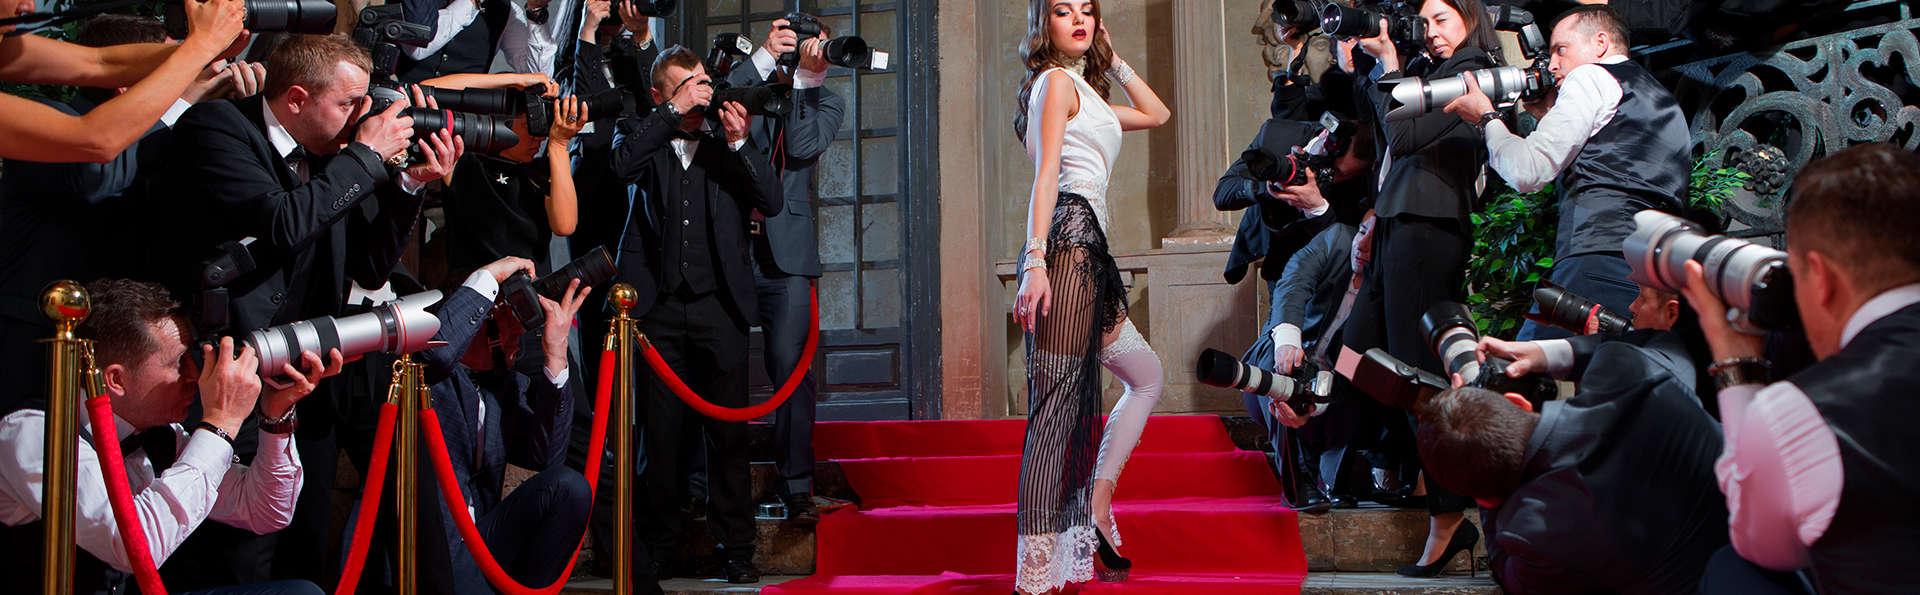 Vibrez au rythme du Festival de Cannes 2019 !